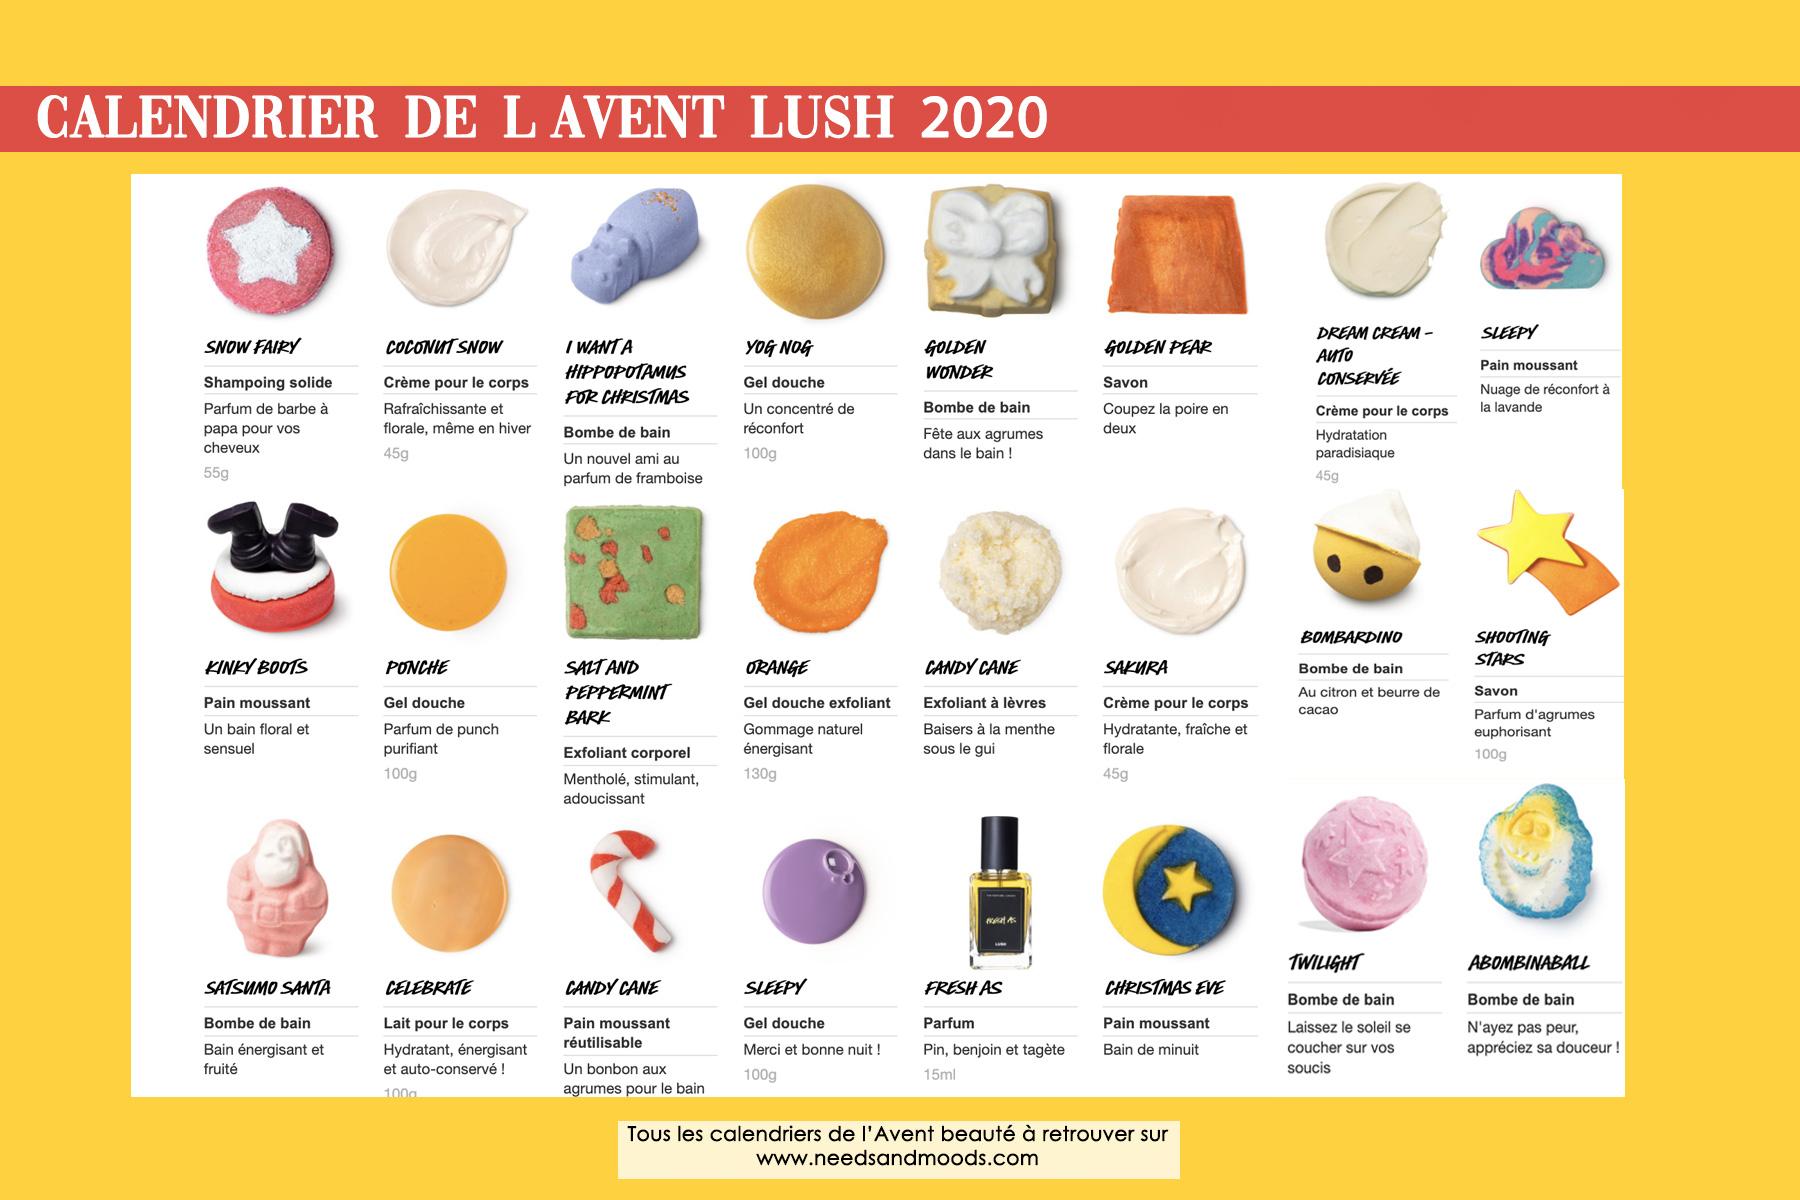 calendrier avent lush 2020 contenu